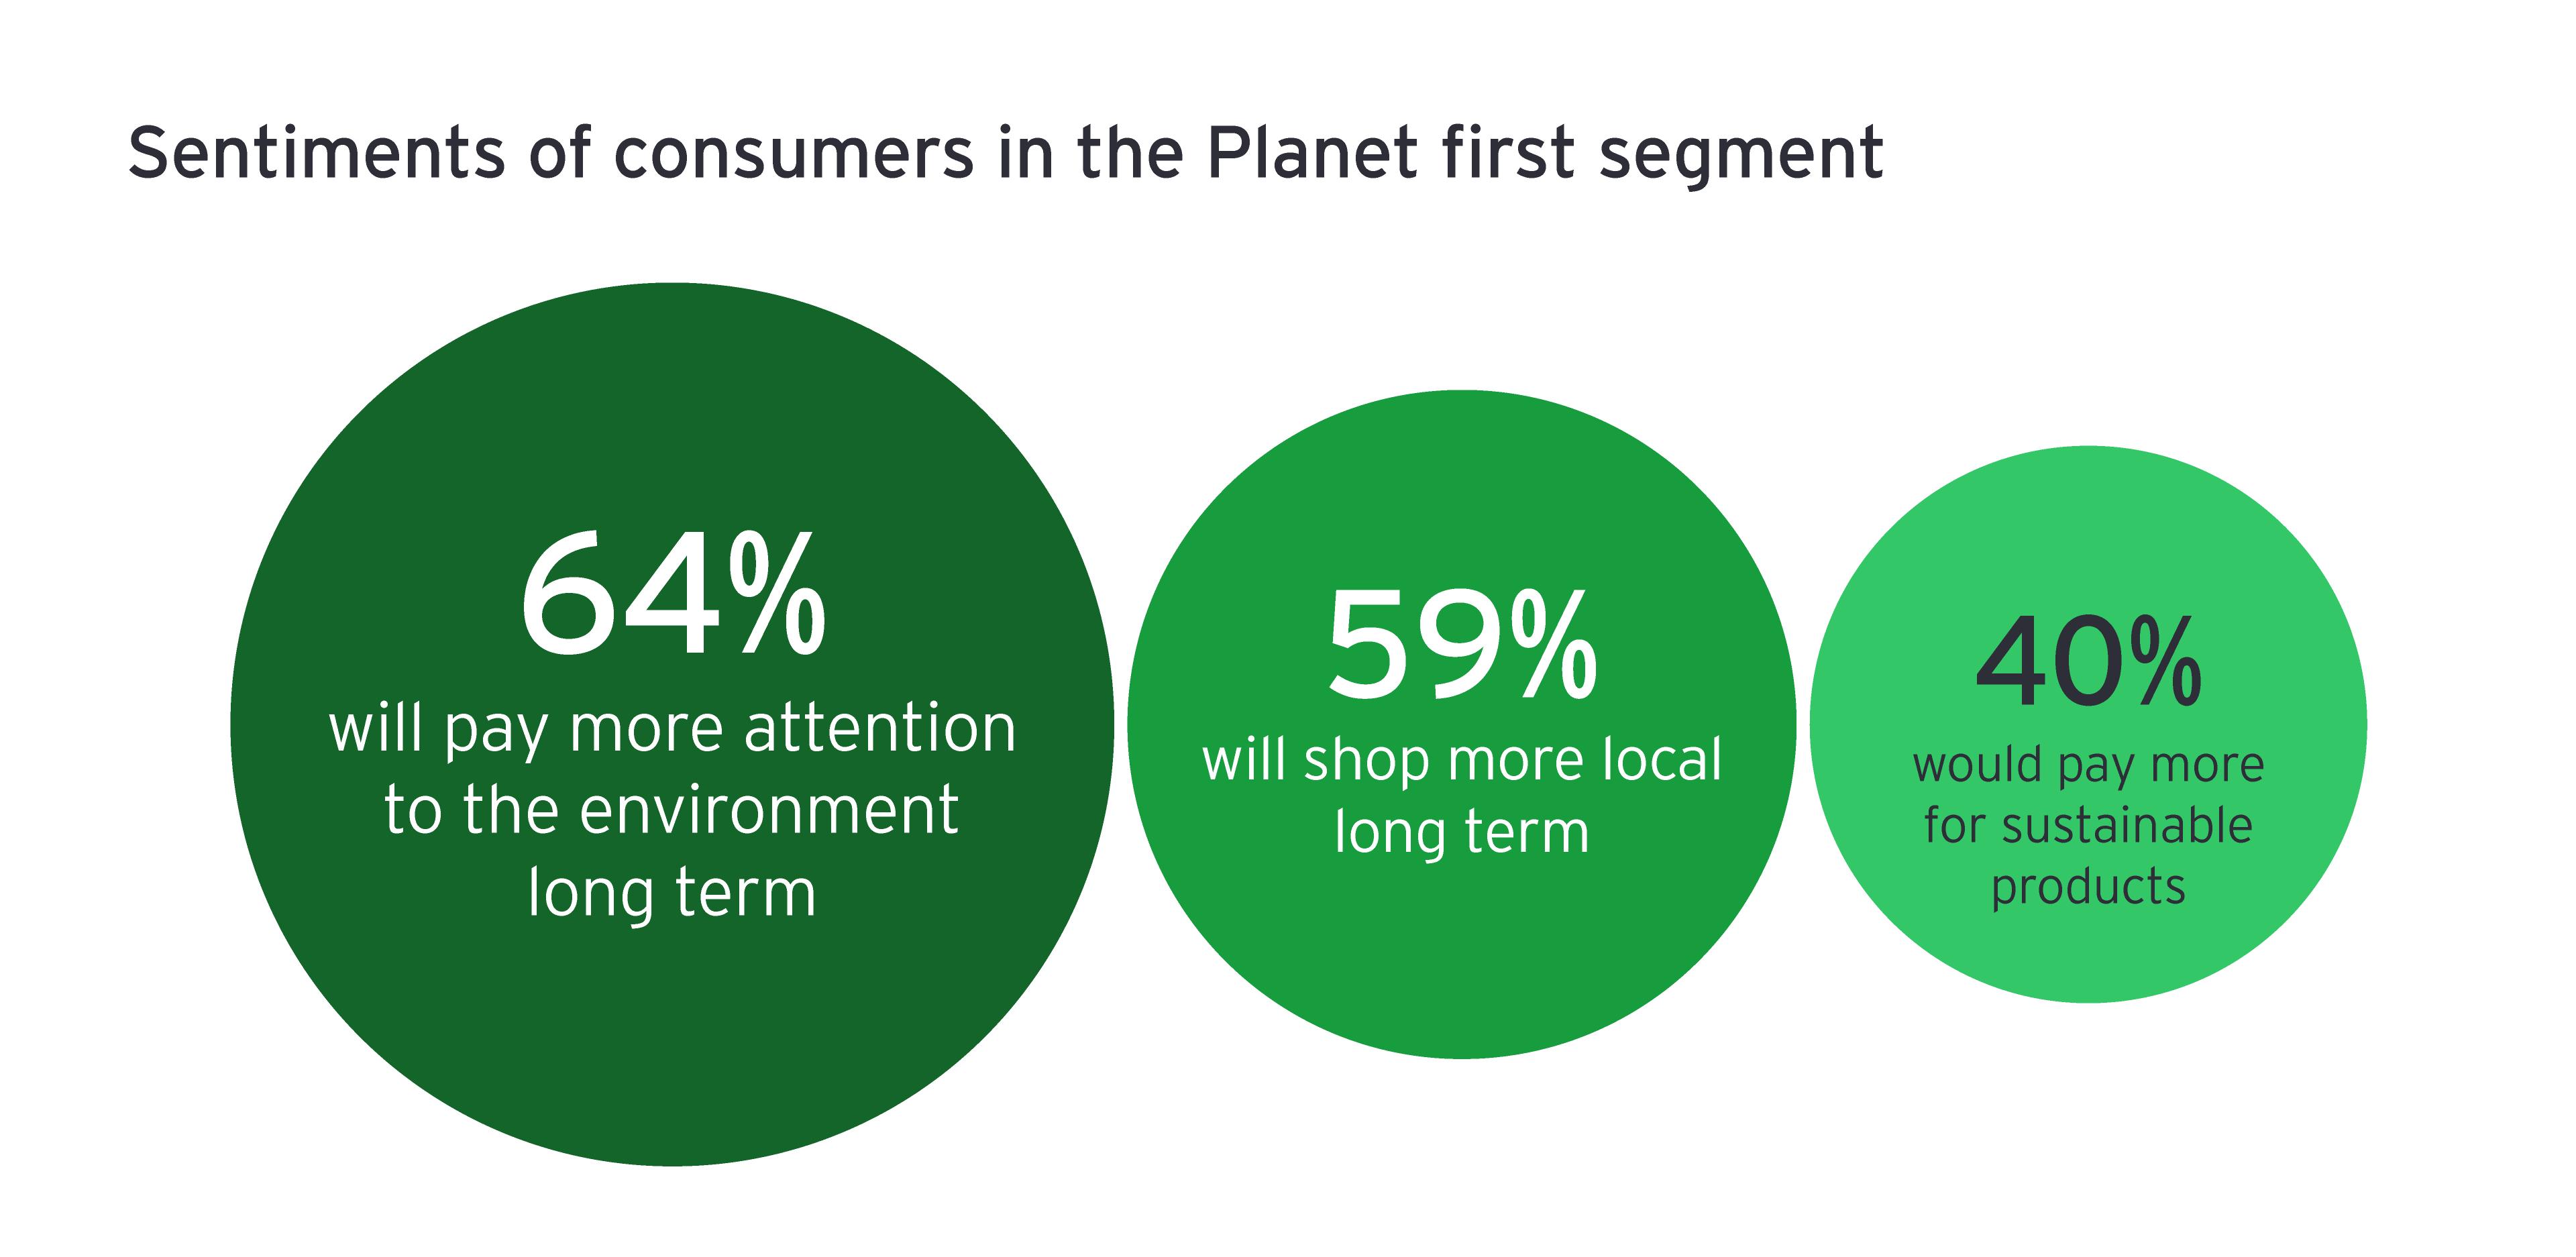 Sentimientos de los consumidores en el primer segmento del Planeta